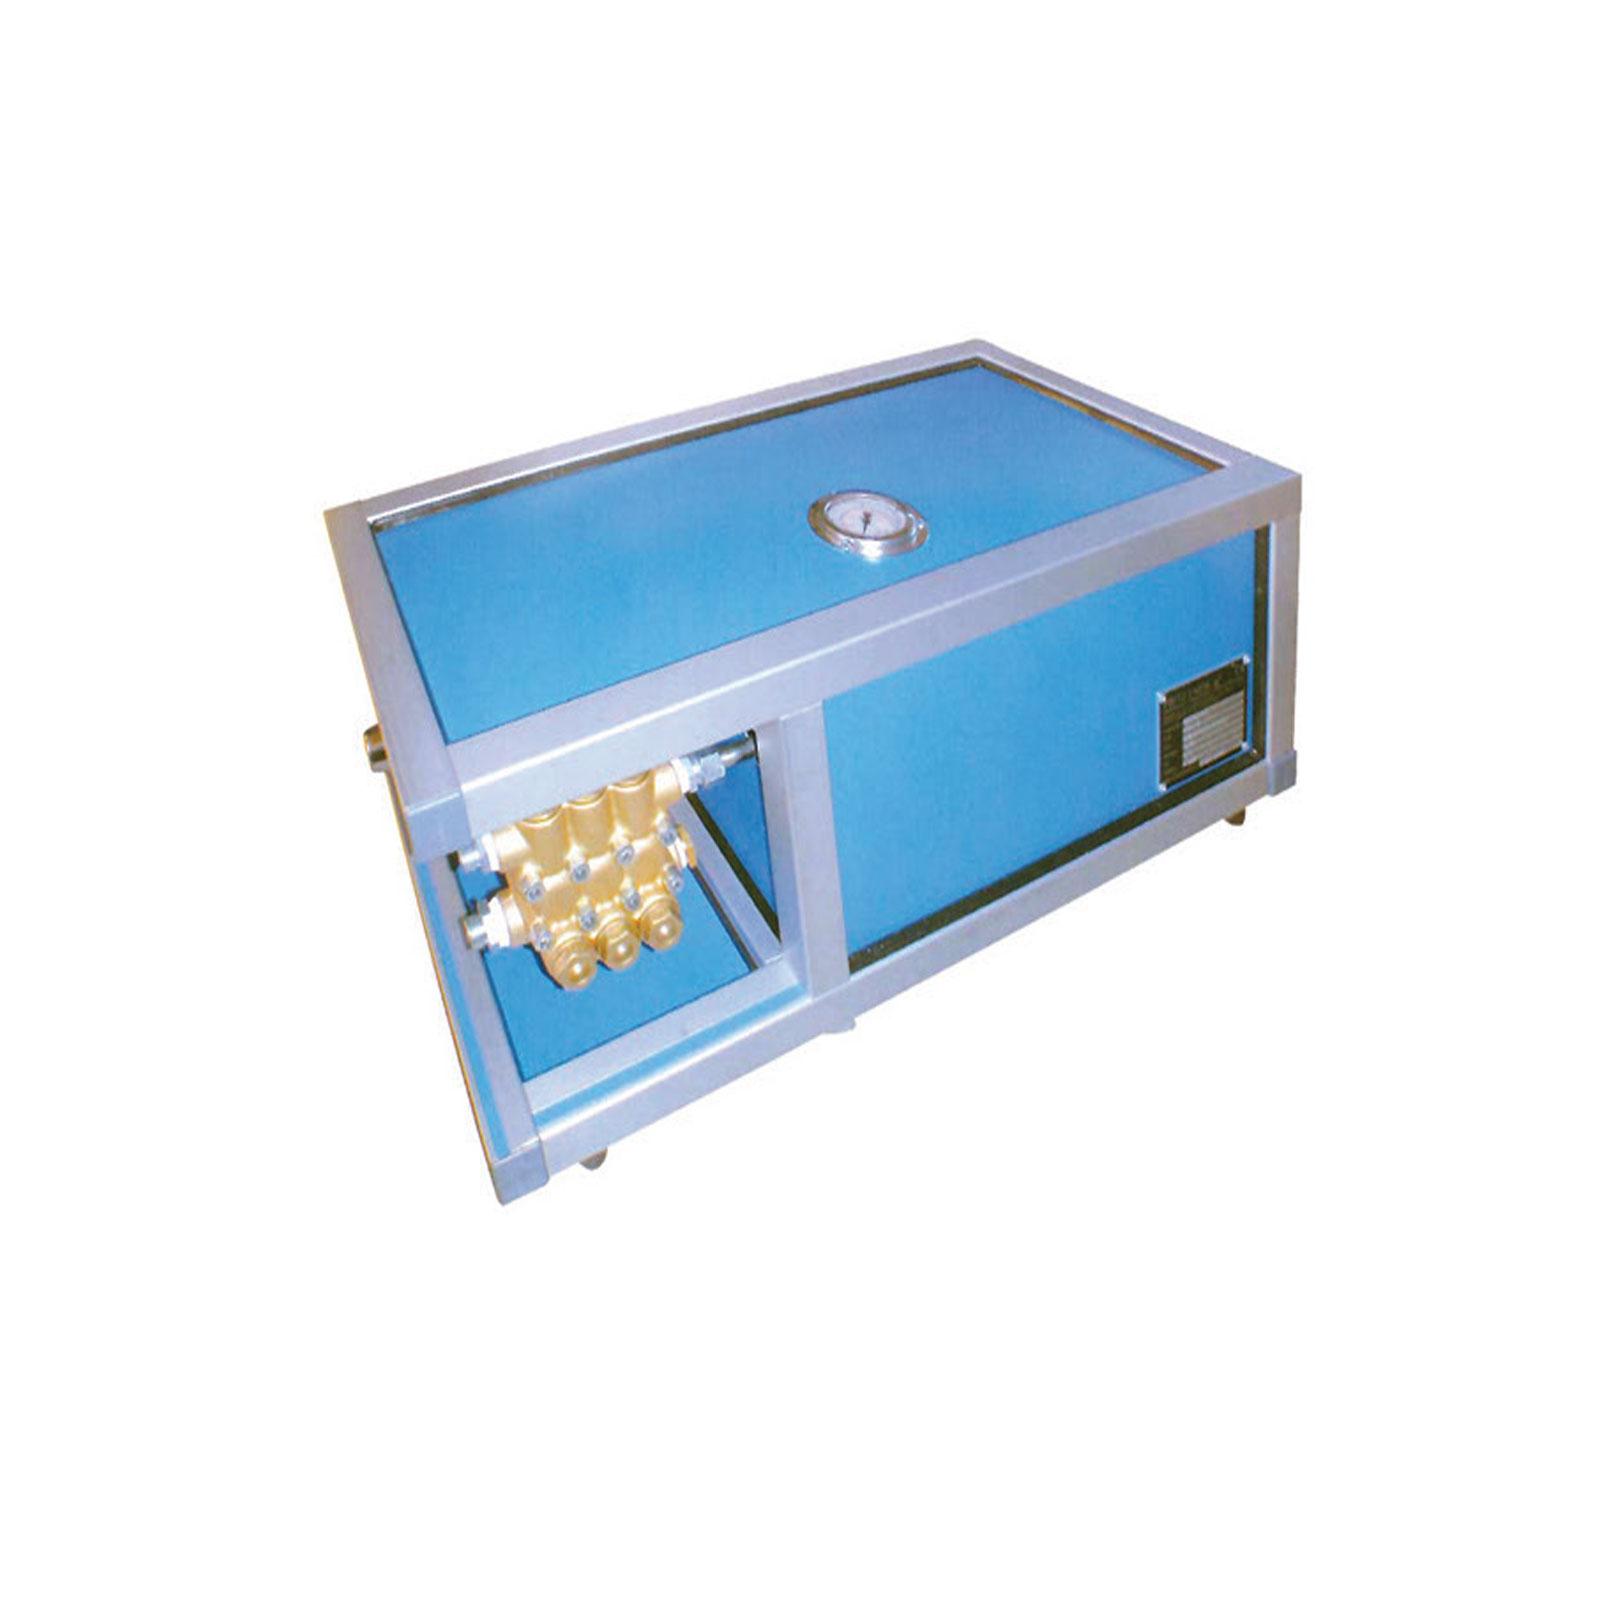 دستگاه شارژ CO2 (پرتابل) مدل Ku3